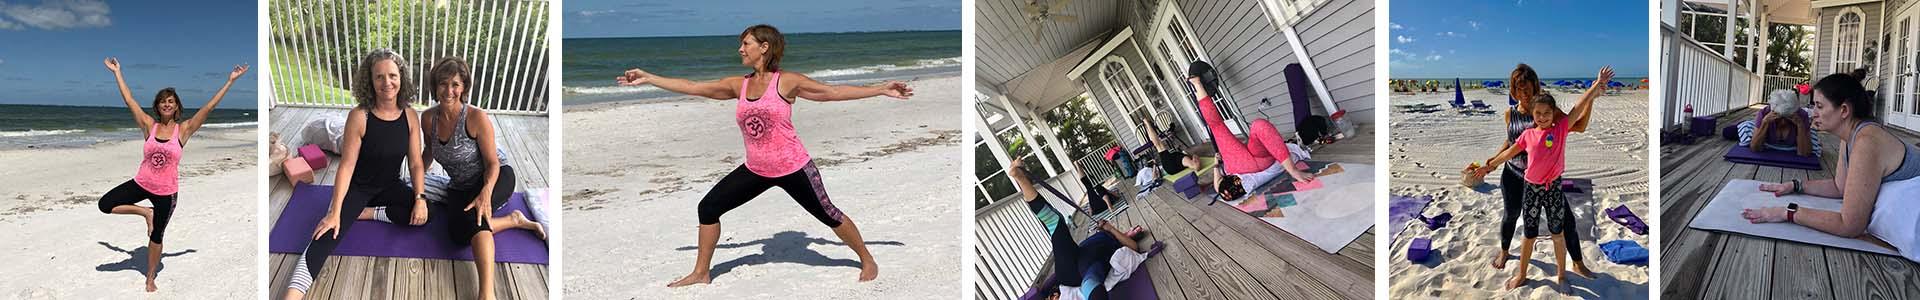 yoga fort myers beach